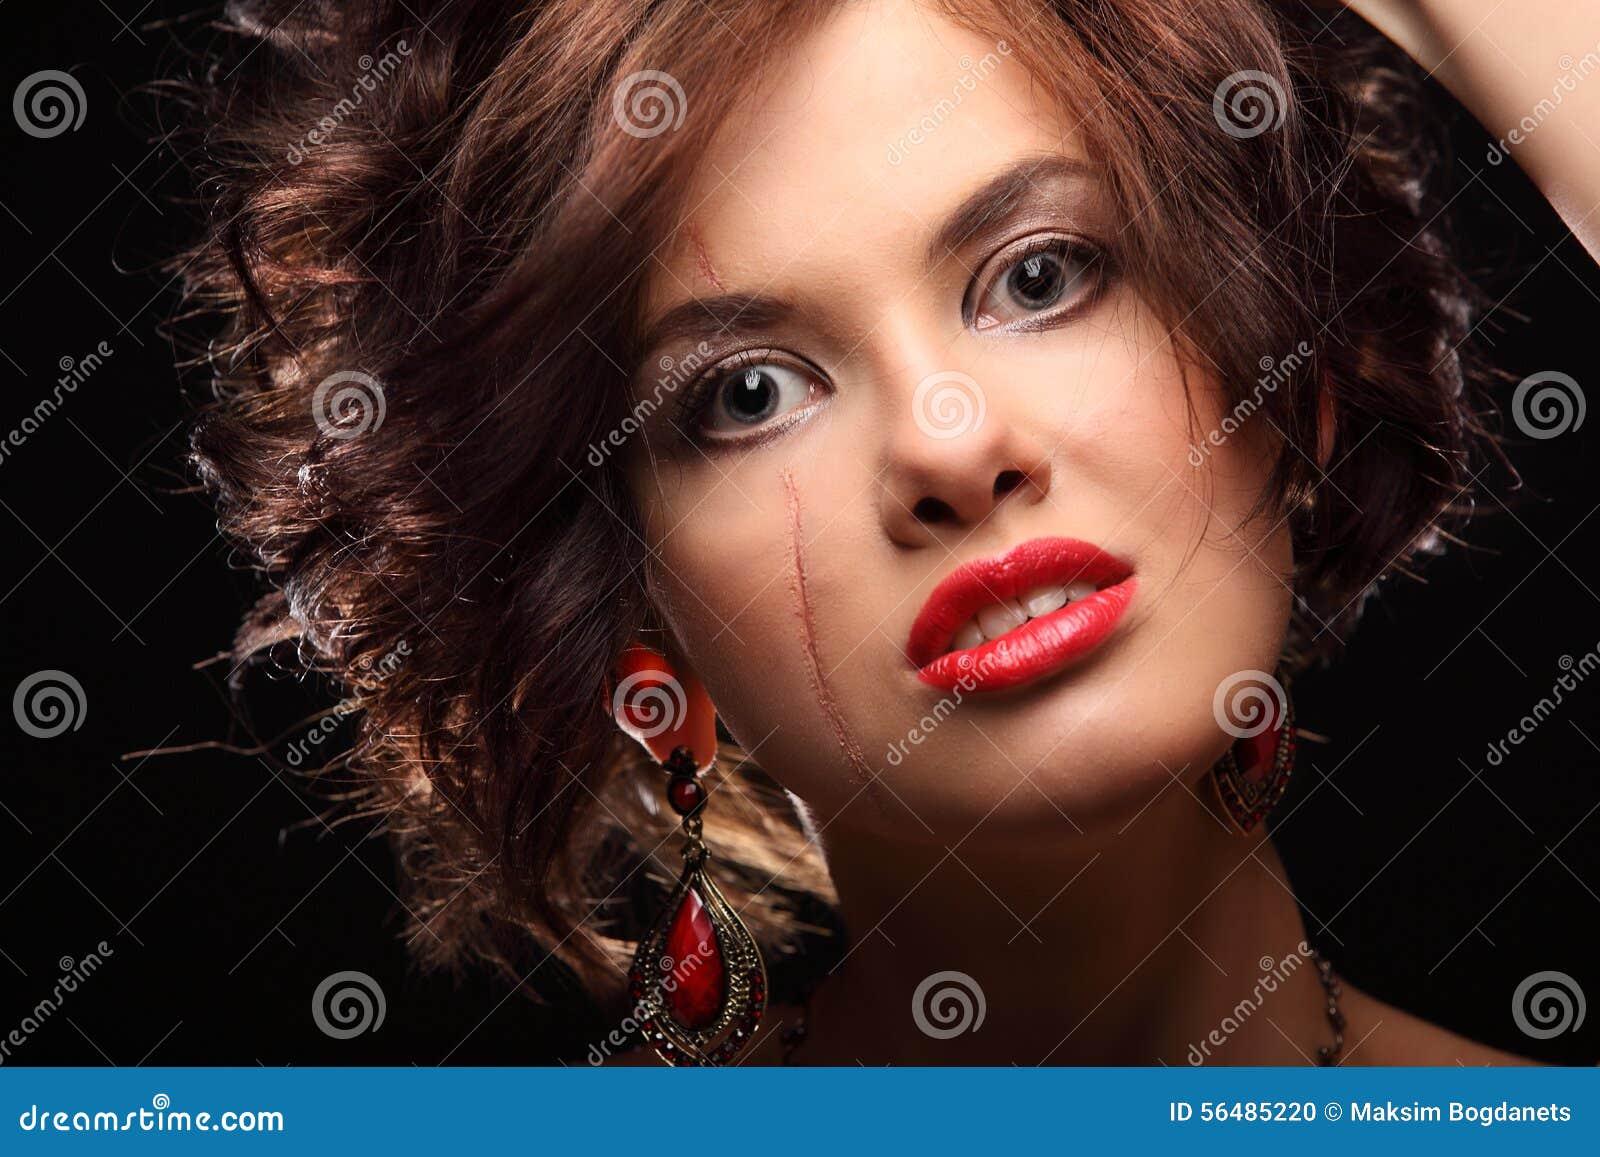 Beautiful Single Russian Women Is